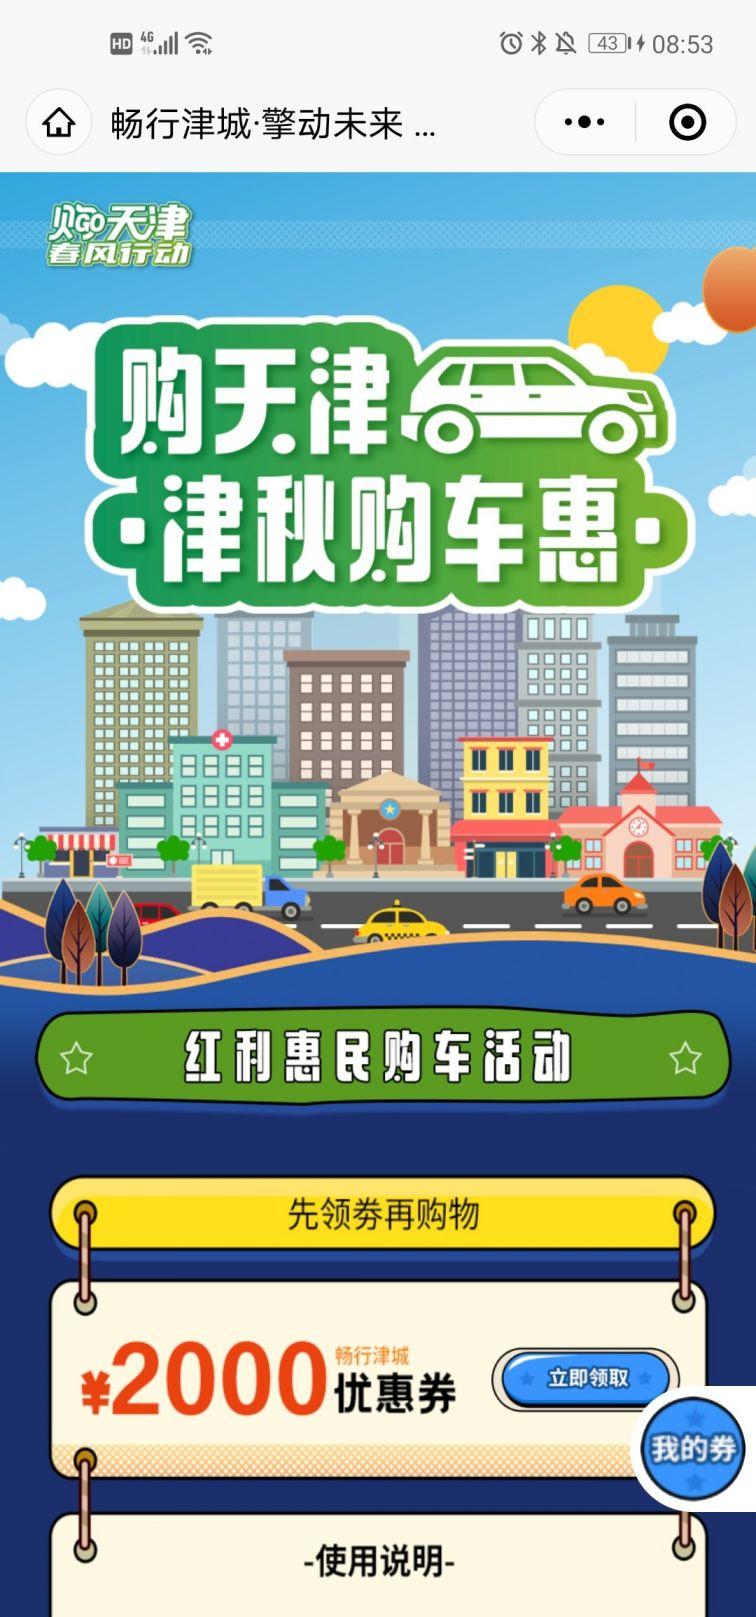 2020天津津秋购车惠汽车消费券领取入口 领取方式